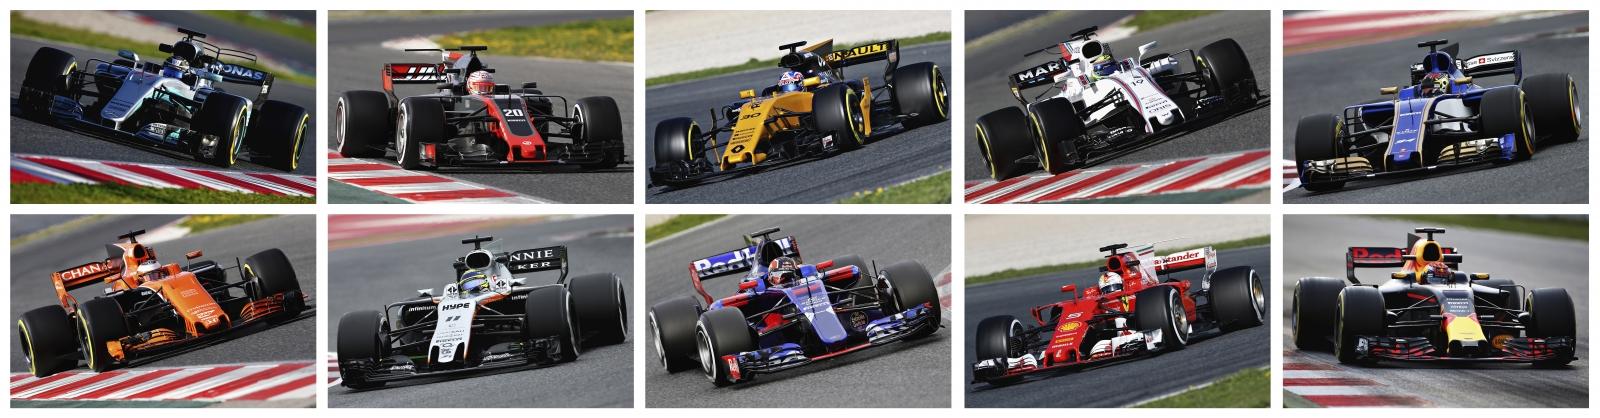 formula 1 - photo #17